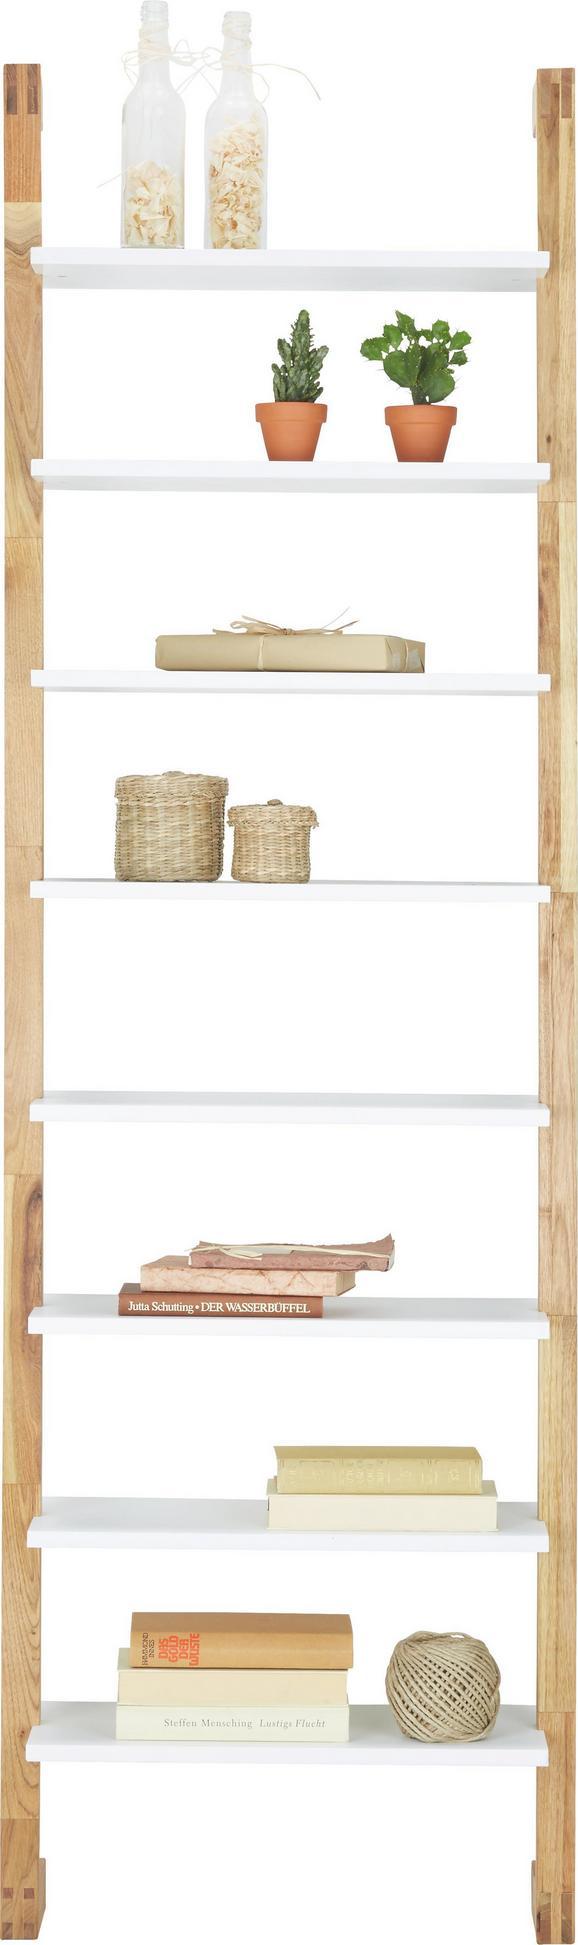 Regal in Weiß/Walnuss - Naturfarben/Weiß, MODERN, Holz/Holzwerkstoff (55/180/25cm) - Mömax modern living